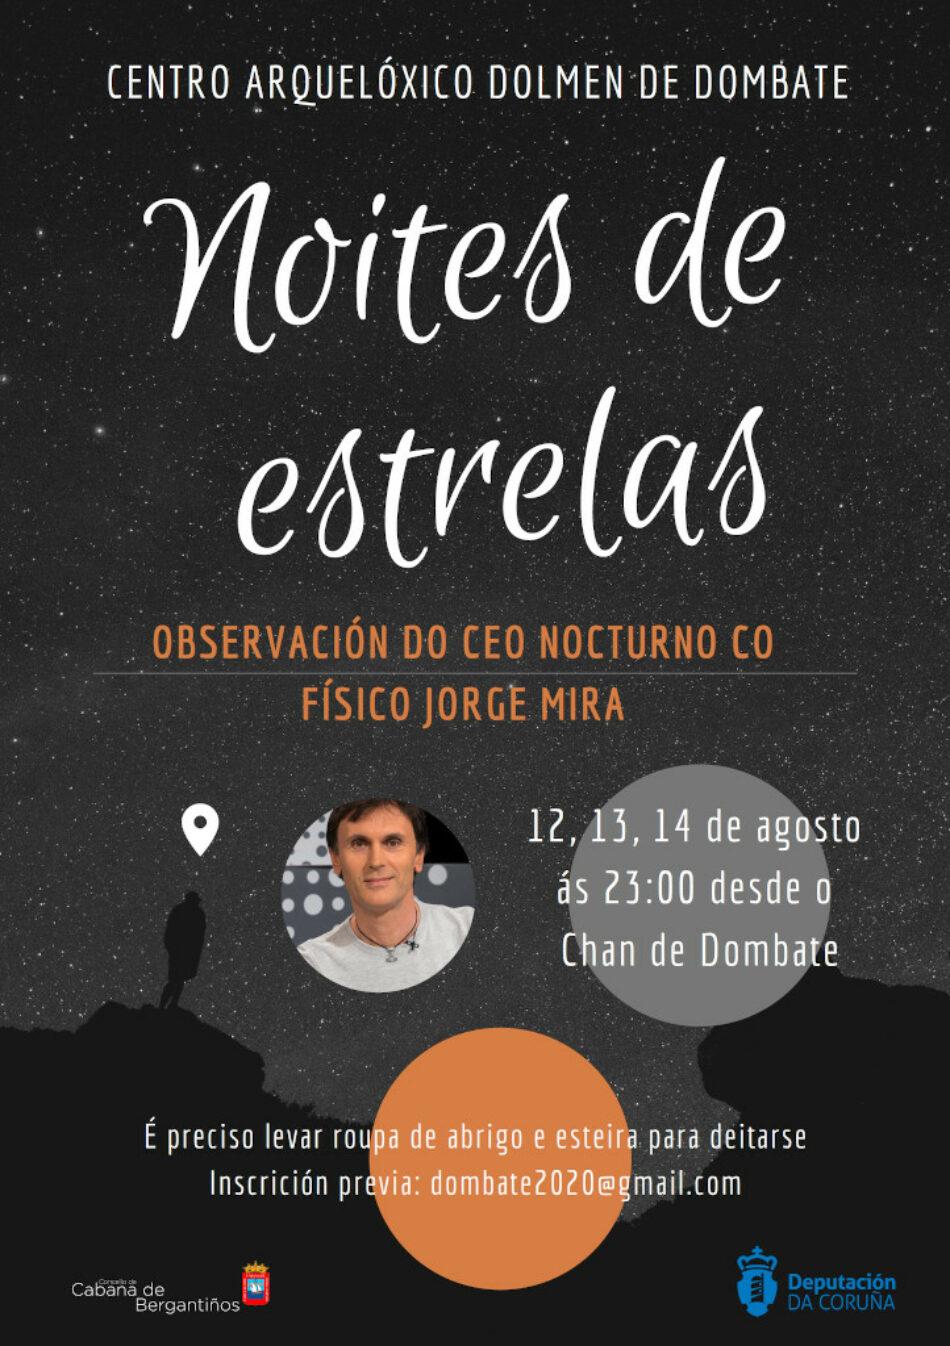 Llamamiento a la responsabilidad de la Diputación coruñesa en el Dolmen de Dombate por el avance del coronavirus